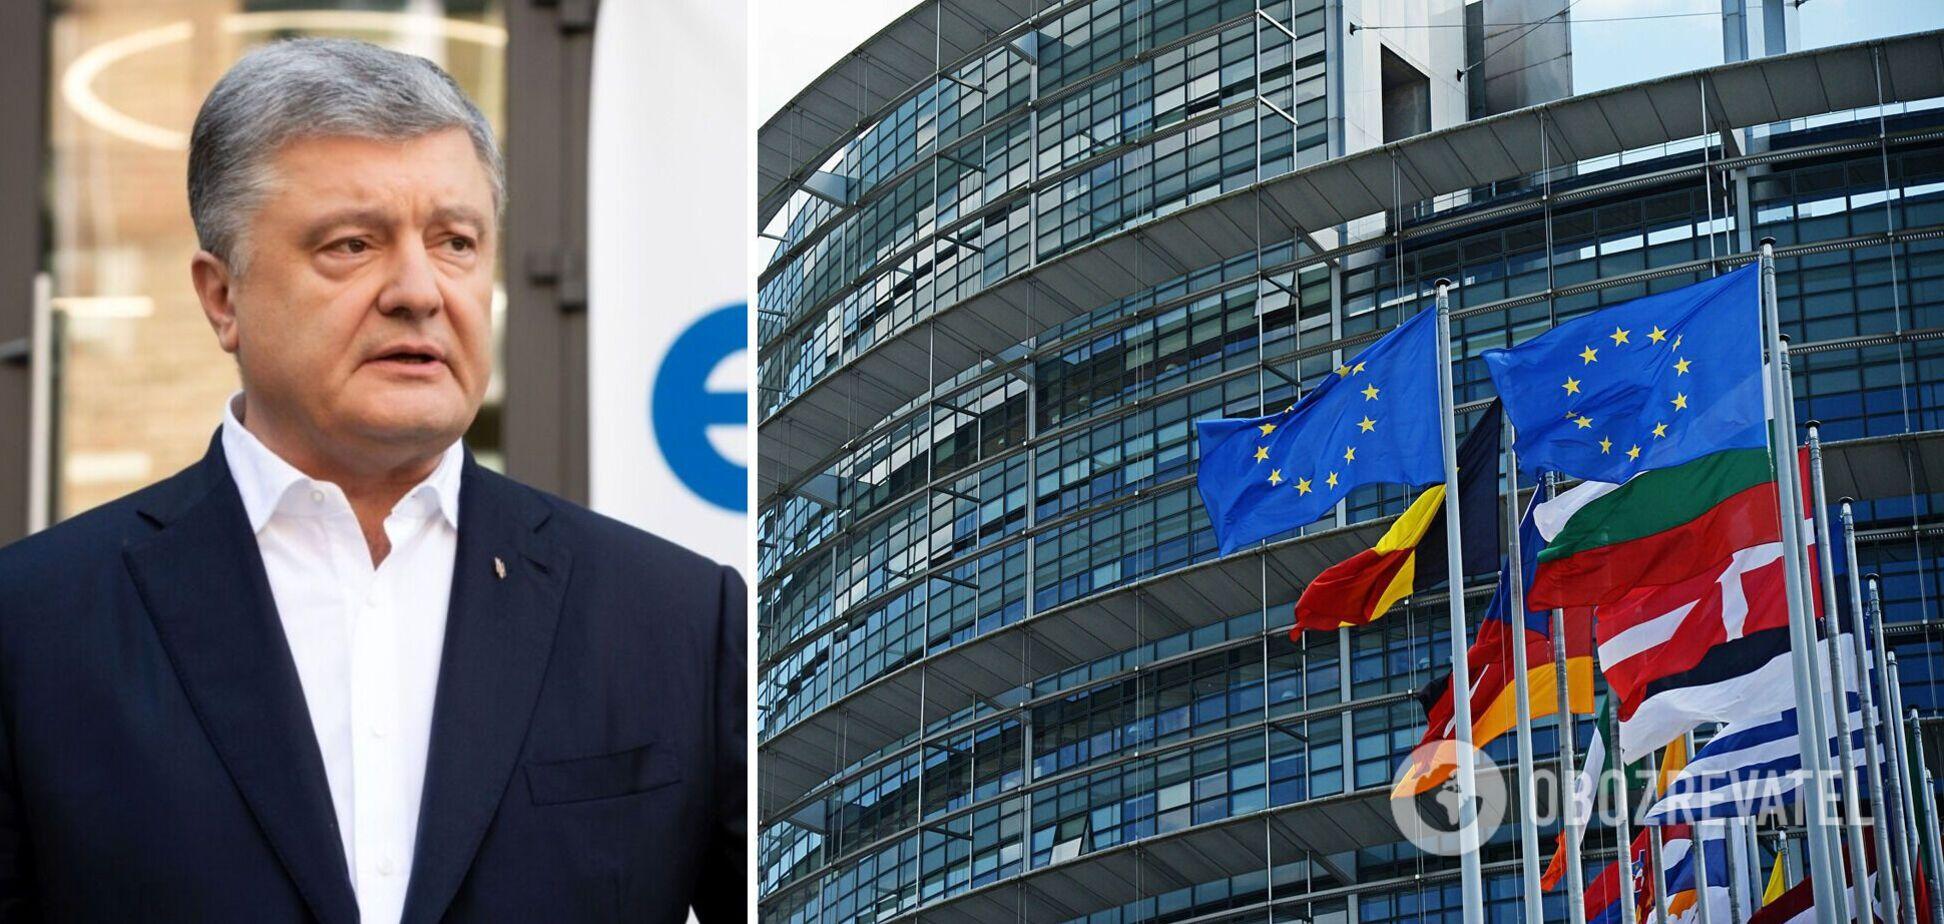 Порошенко – про резолюцію Європарламенту щодо України: зроблено перший крок до 'пекельних санкцій' проти РФ